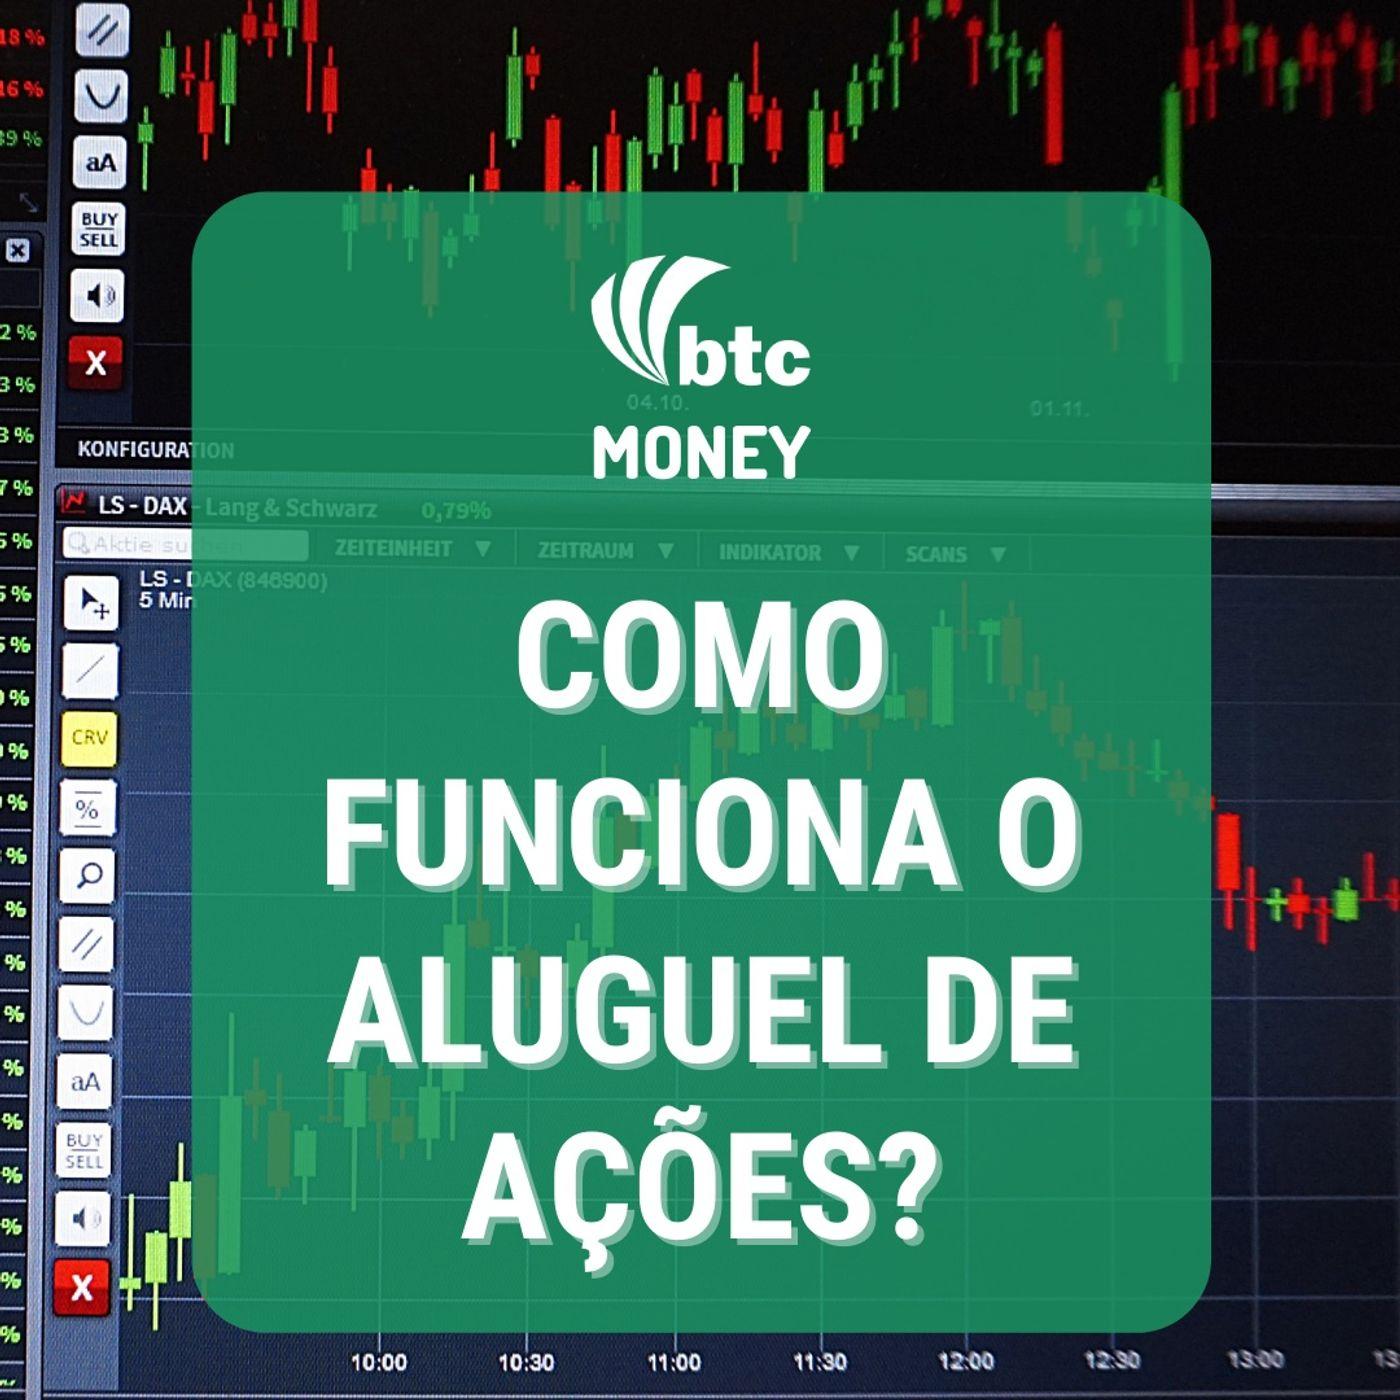 Aluguel de Ações: Funcionamento e Estratégias   Long & Short   Money #71